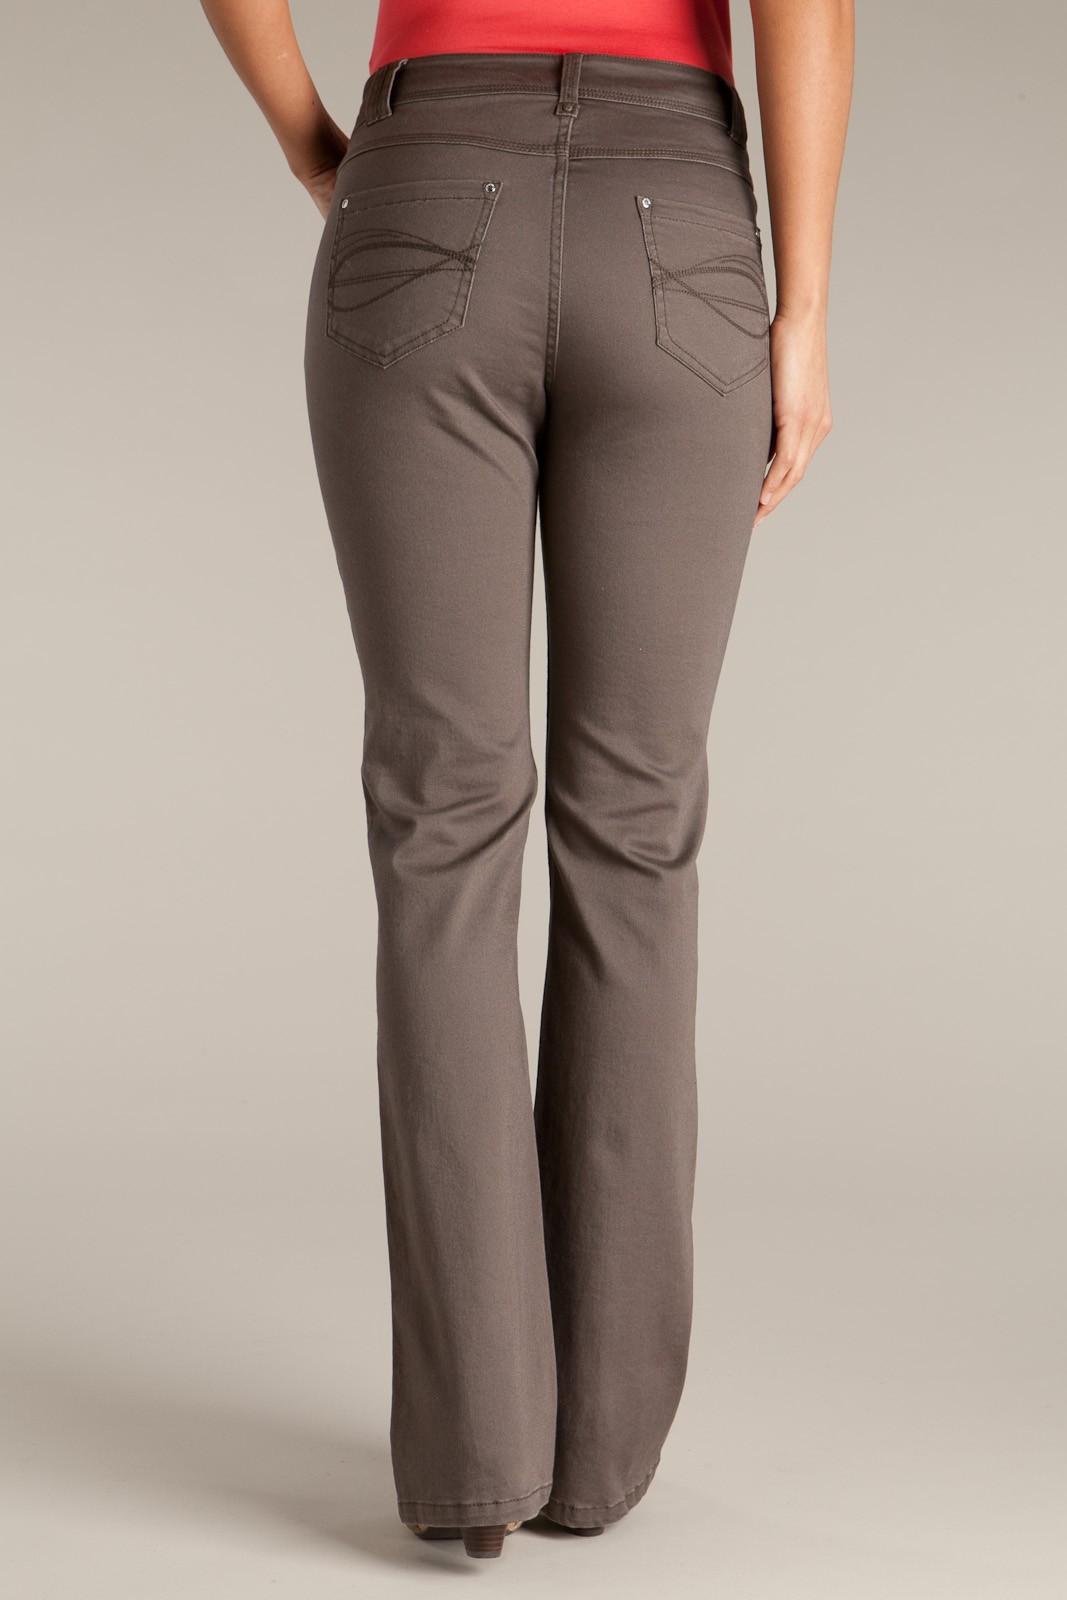 Pantalon coupe droite femme id al pour le bureau - Pantalon coupe droite femme pas cher ...